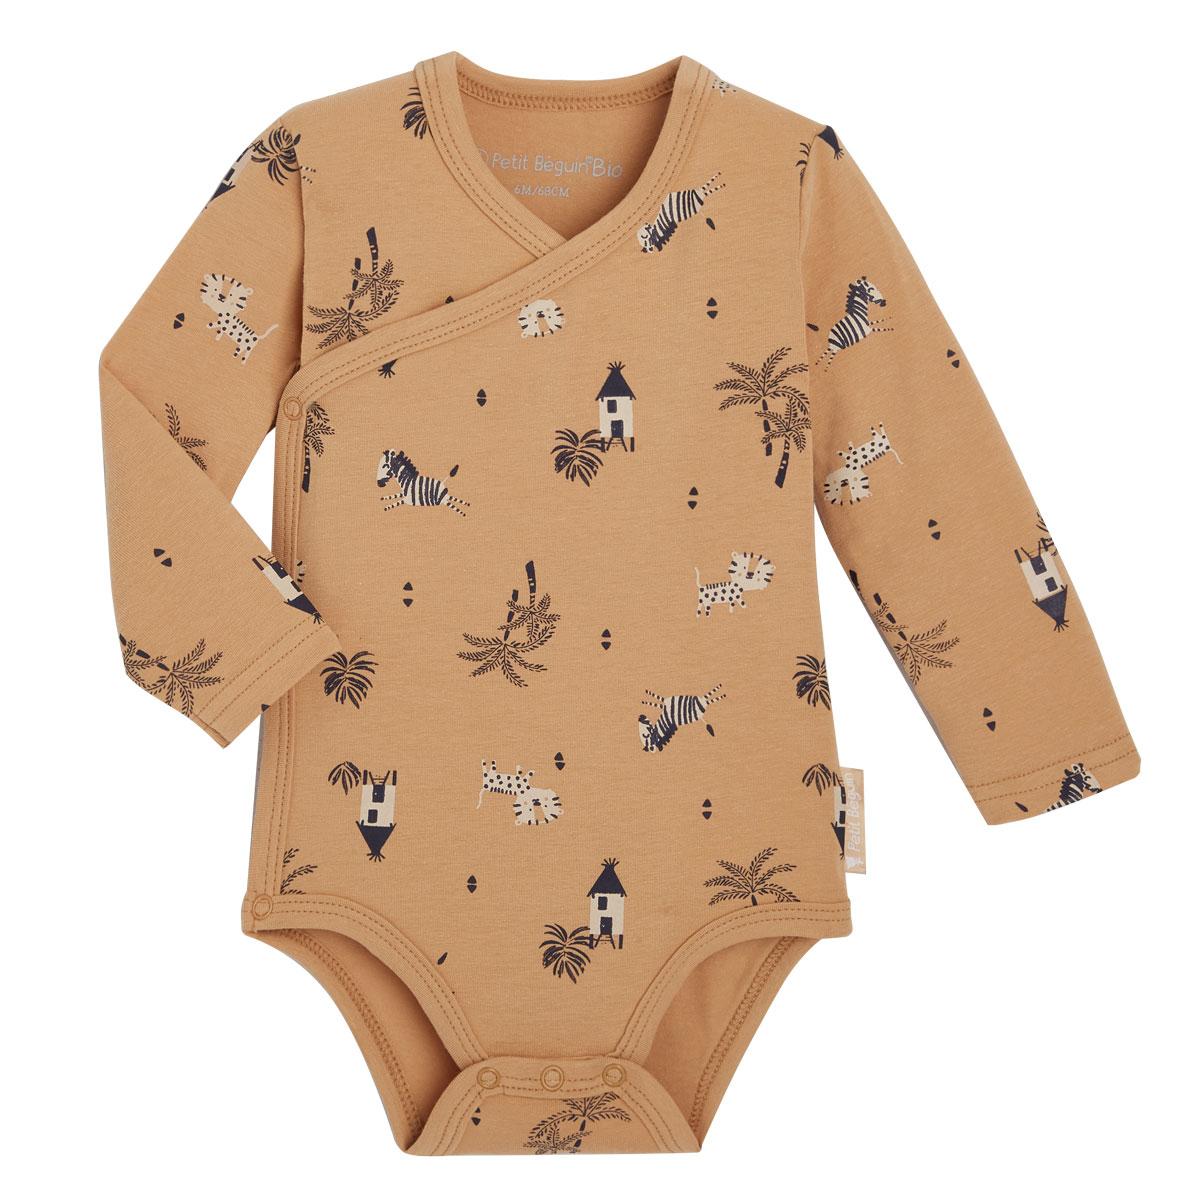 Lot de 2 bodies bébé garçon croisés manches longues contenant du coton bio Safari Jungle 2